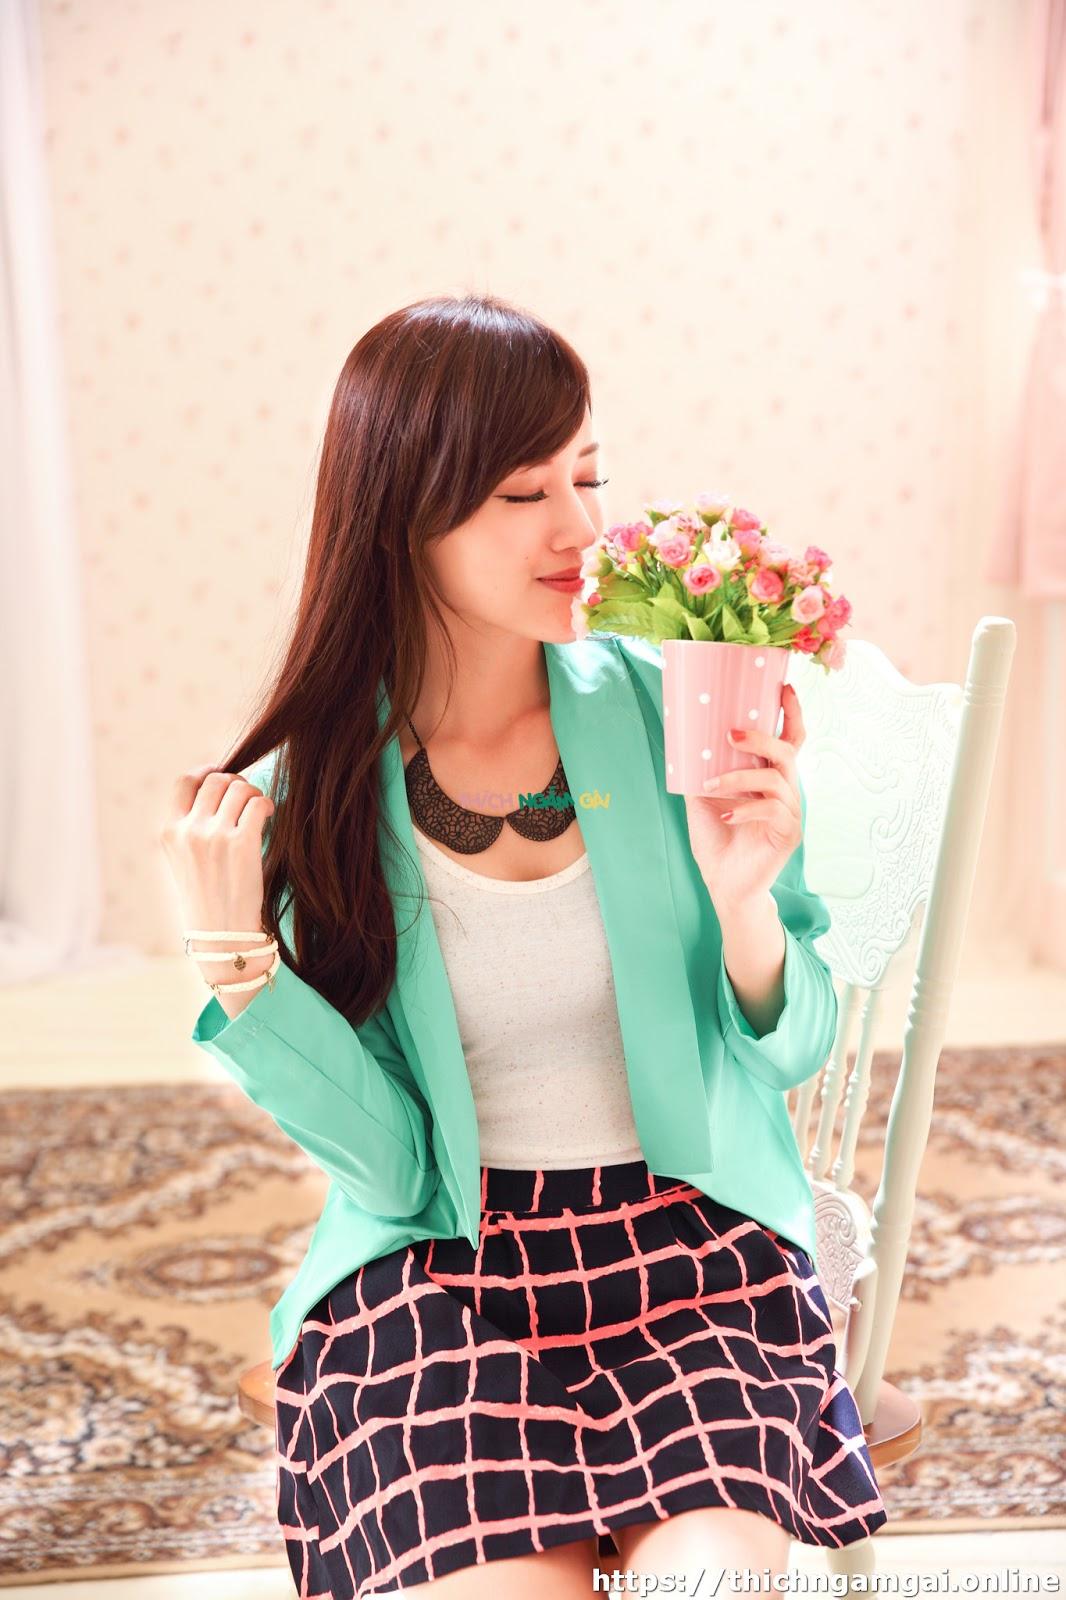 Thích Ngắm Gái 582.%2BIMG_6263%2B%2528Large%2B2048%2529 Tuyển Tập Girls Xinh Việt Nam (Phần 76)